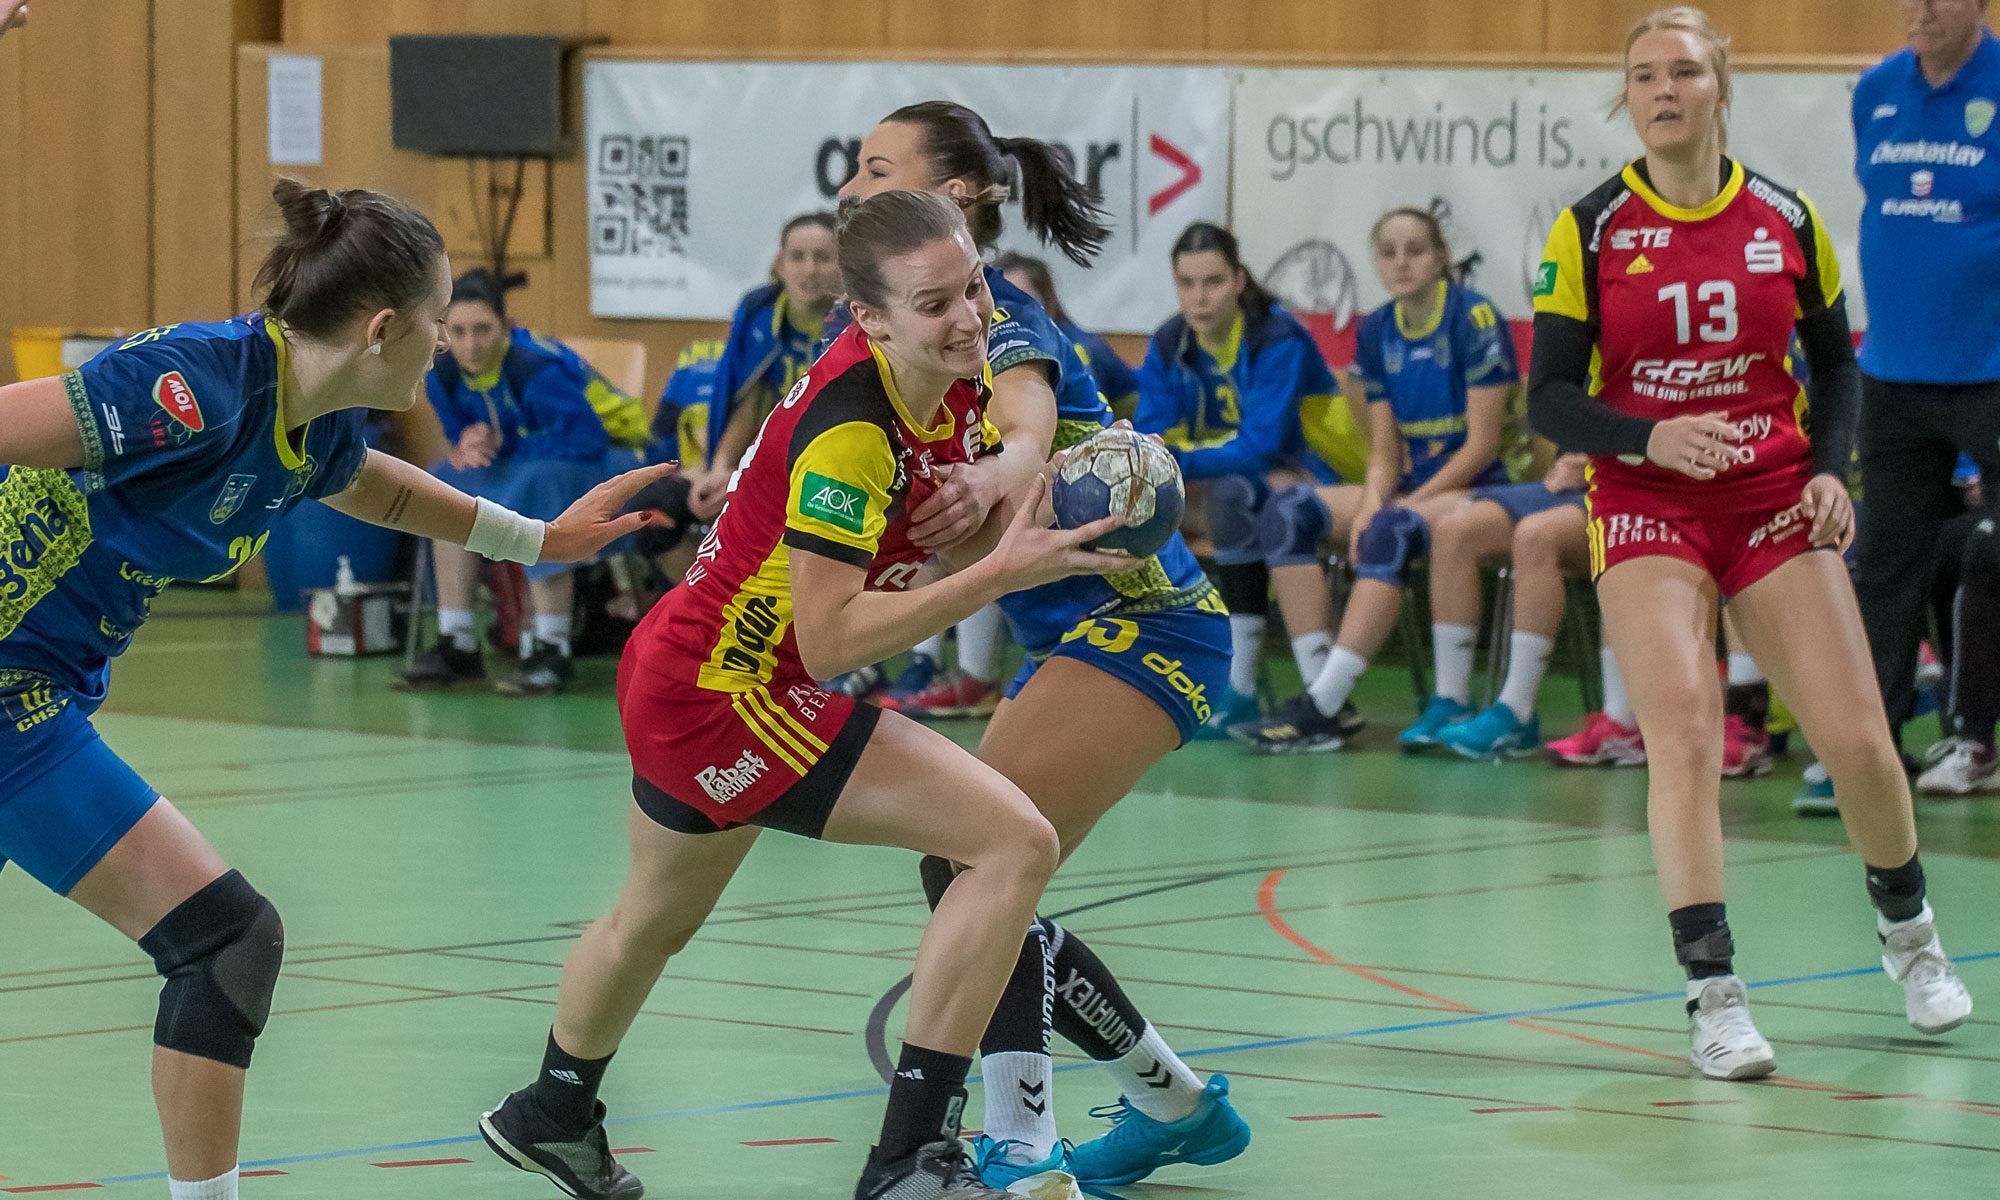 Stadtwerk Cup // 15. + 16. Dez 2018